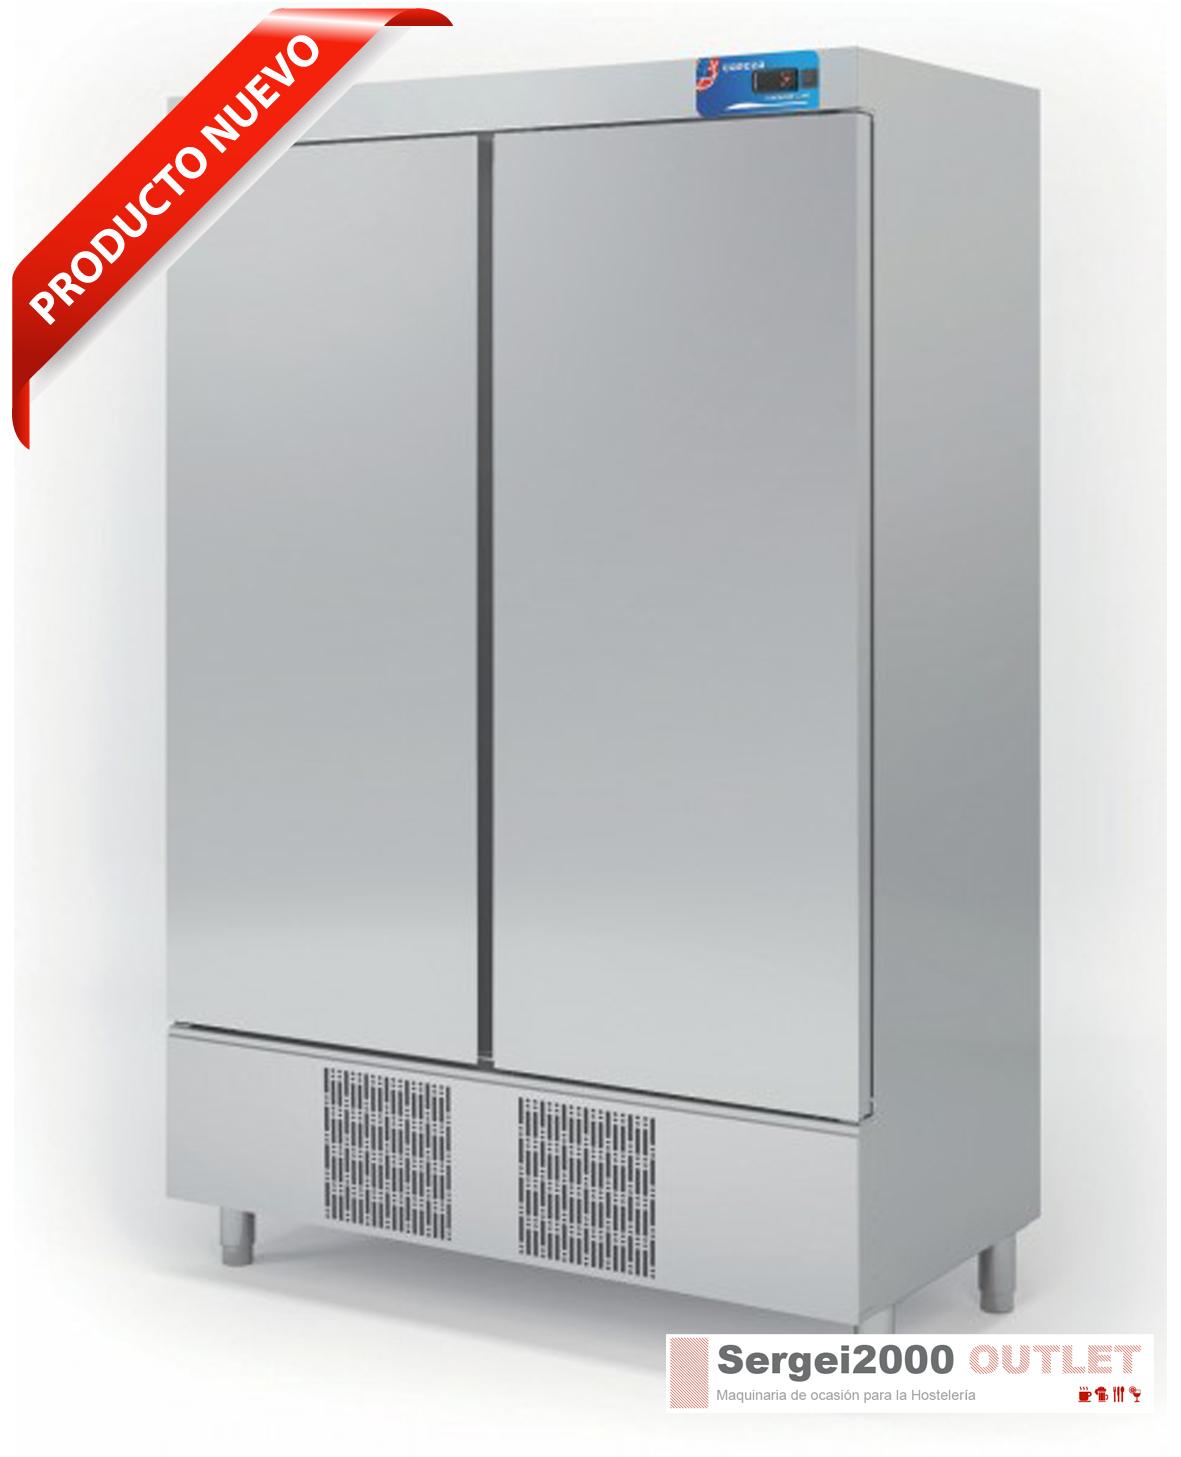 Armarios De Baño Segunda Mano: de hostelería de ocasión y segunda mano: Armario Refrigerado Coreco